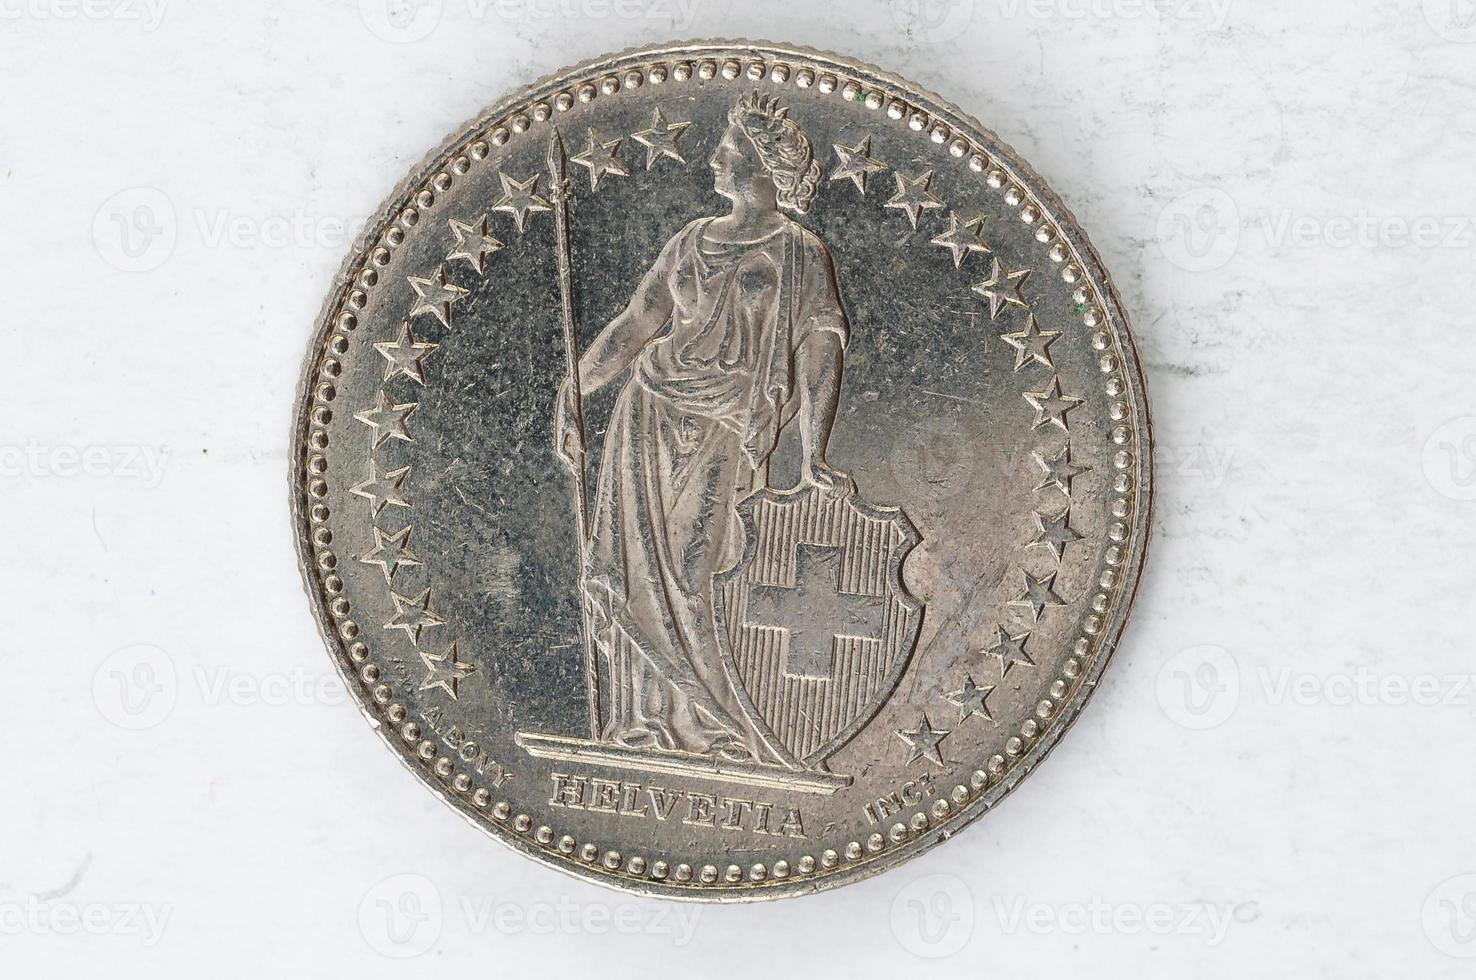 deux suisse francen pièce 2007 argent photo